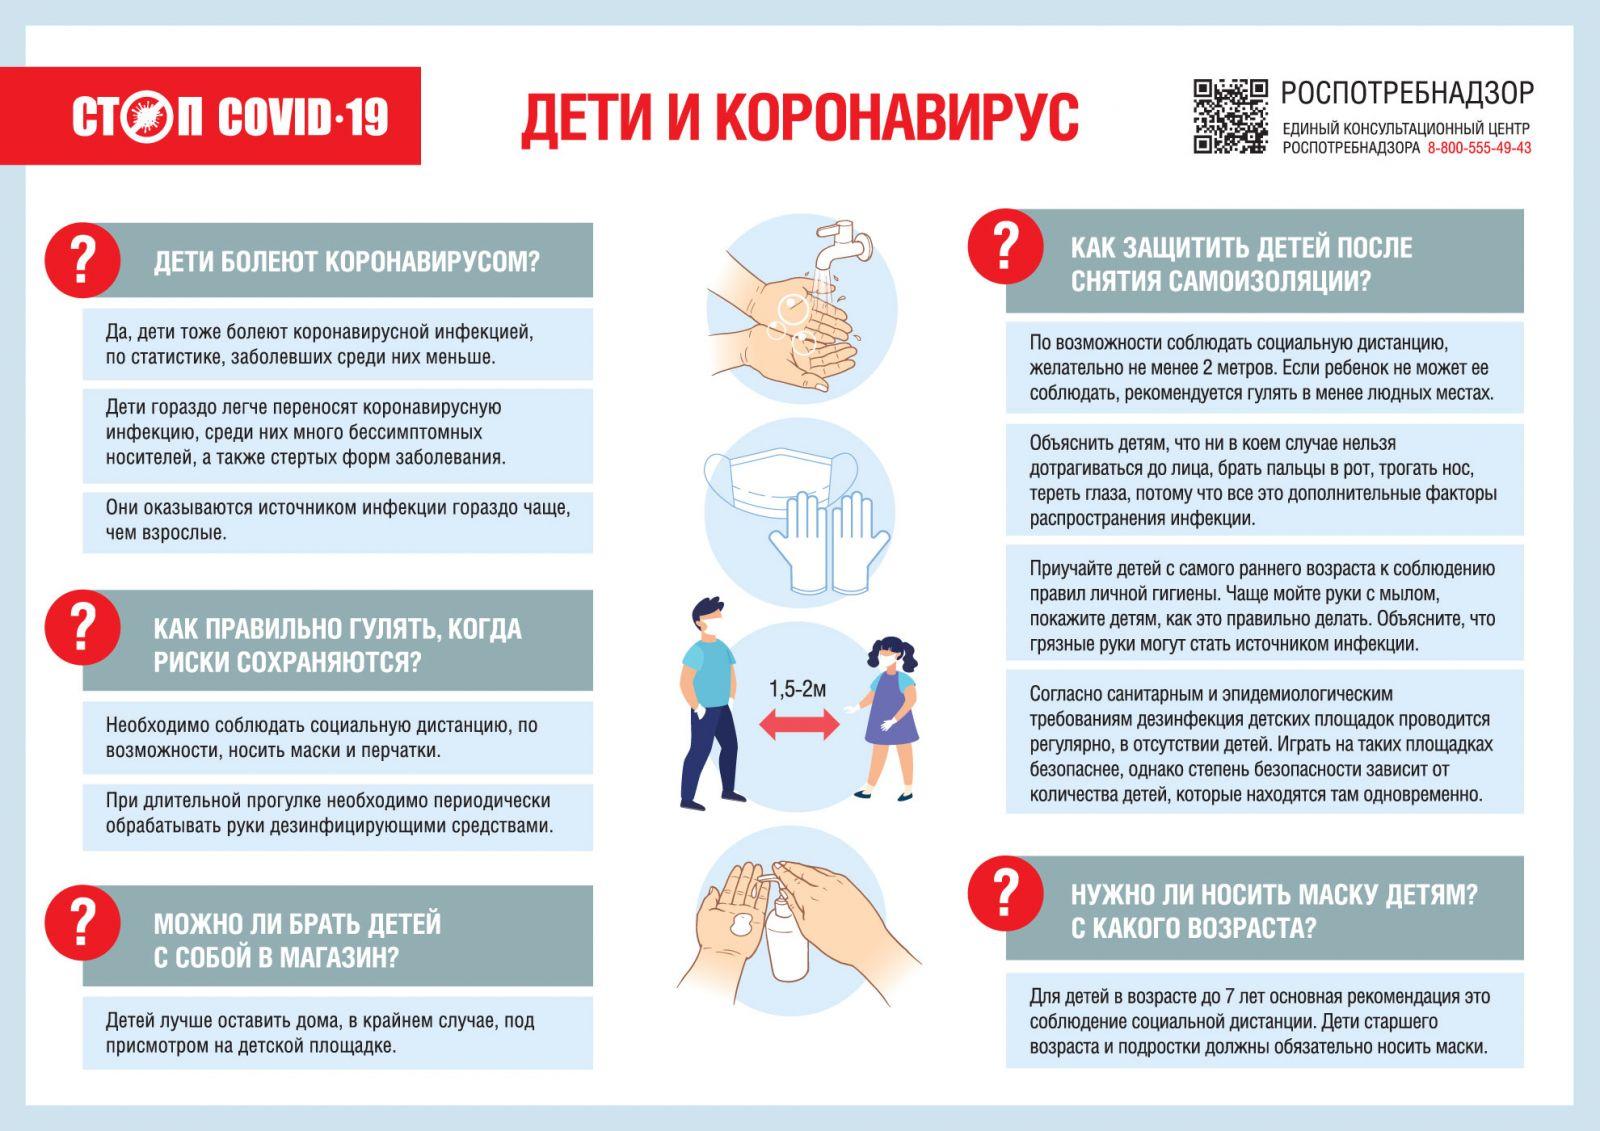 Роспотребнадзор: Как защитить детей от коронавируса в период снятия ограничений?